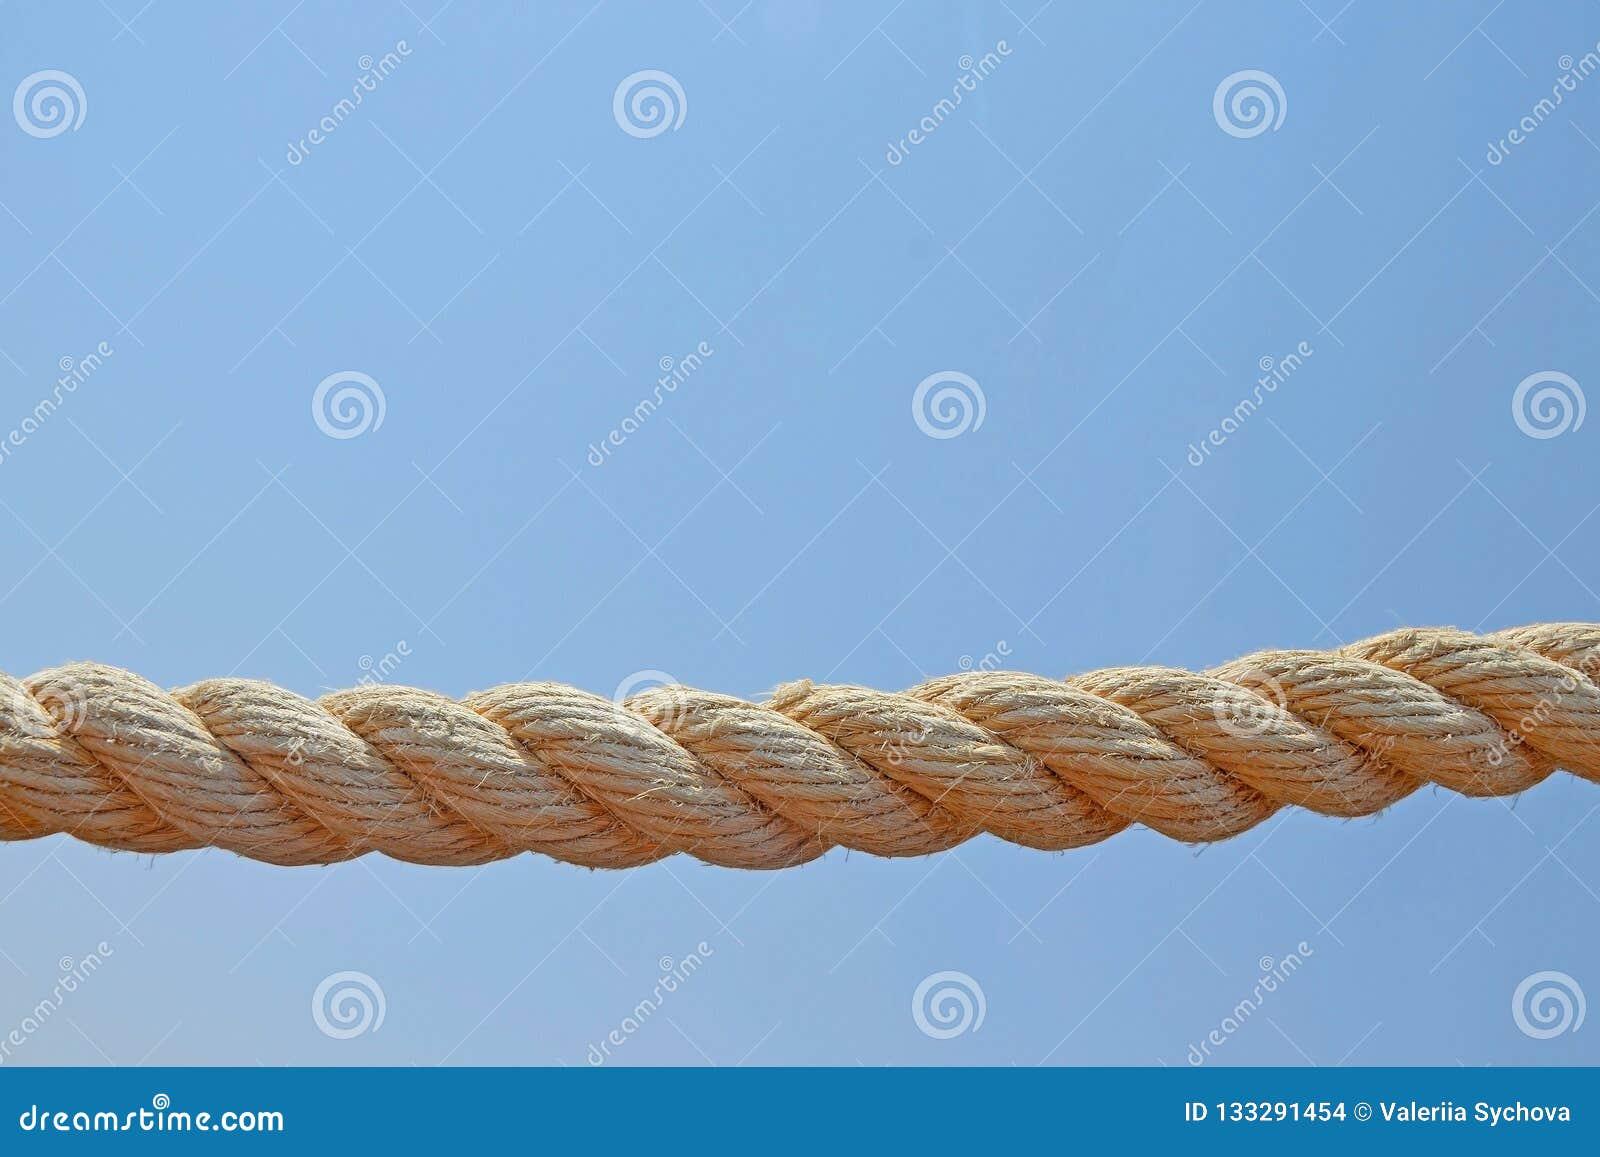 Lantligt krökt havsrep som hänger på bakgrund för blå himmel, beige bomull för att torka klädernärbild